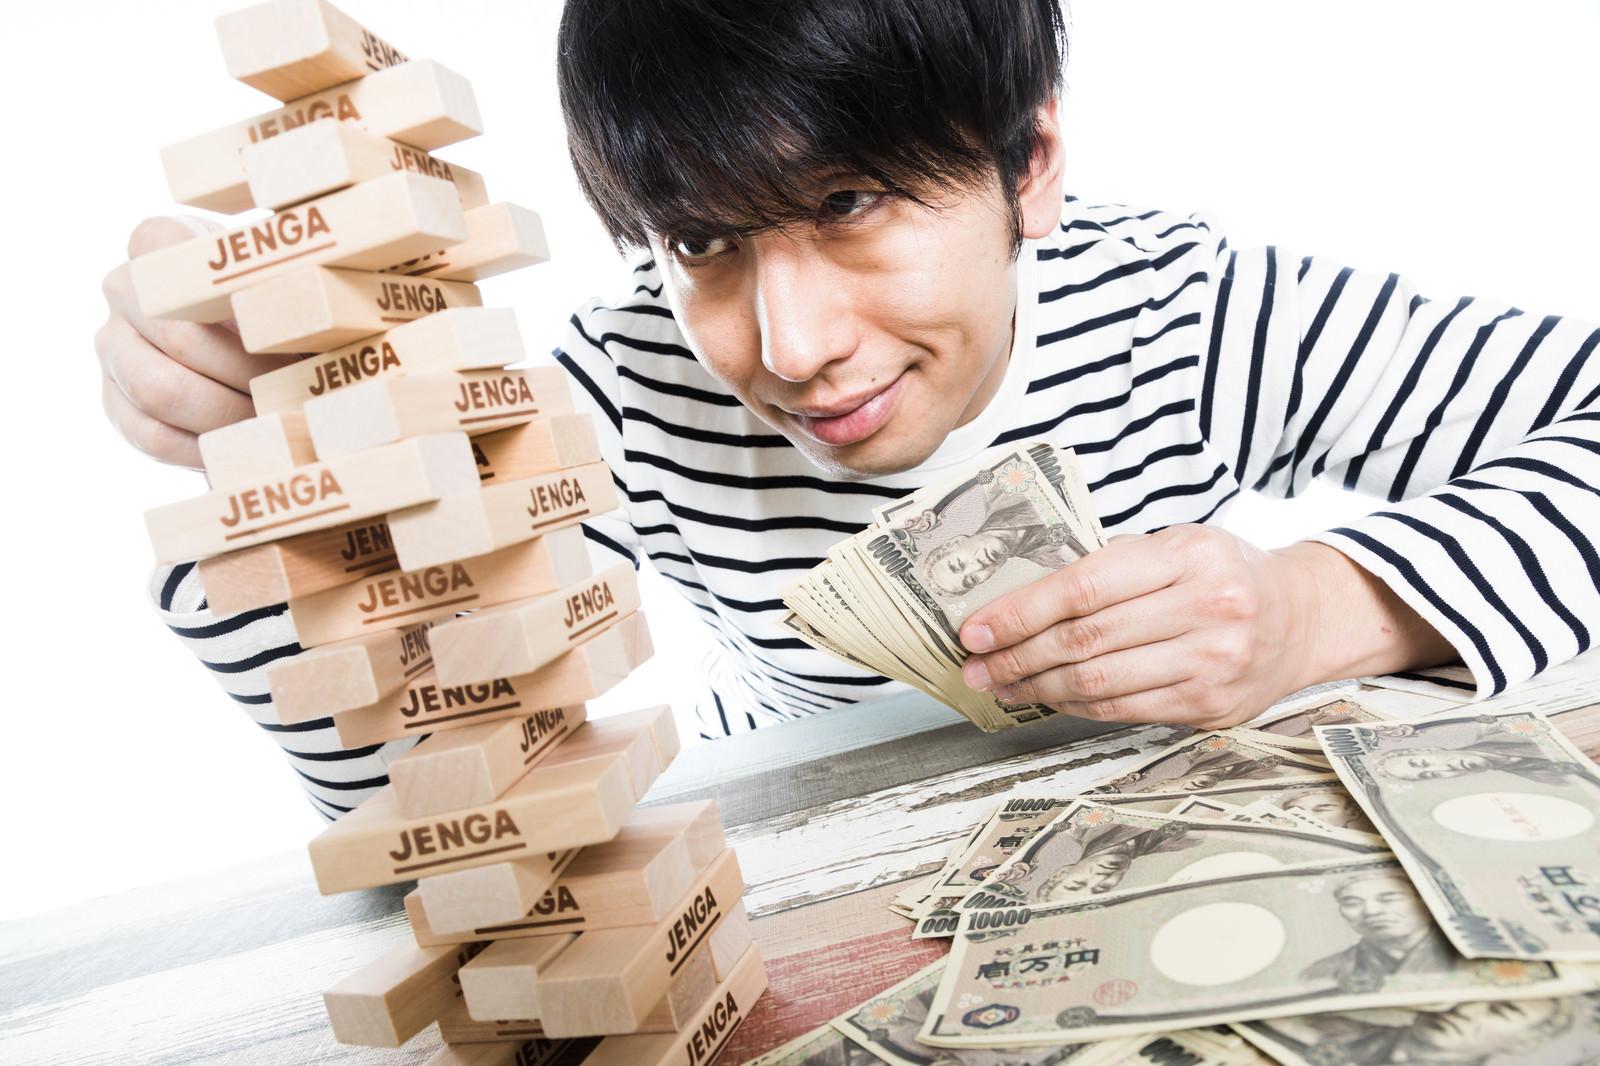 「多額の賞金を手にするジェンガマスター」の写真[モデル:大川竜弥]